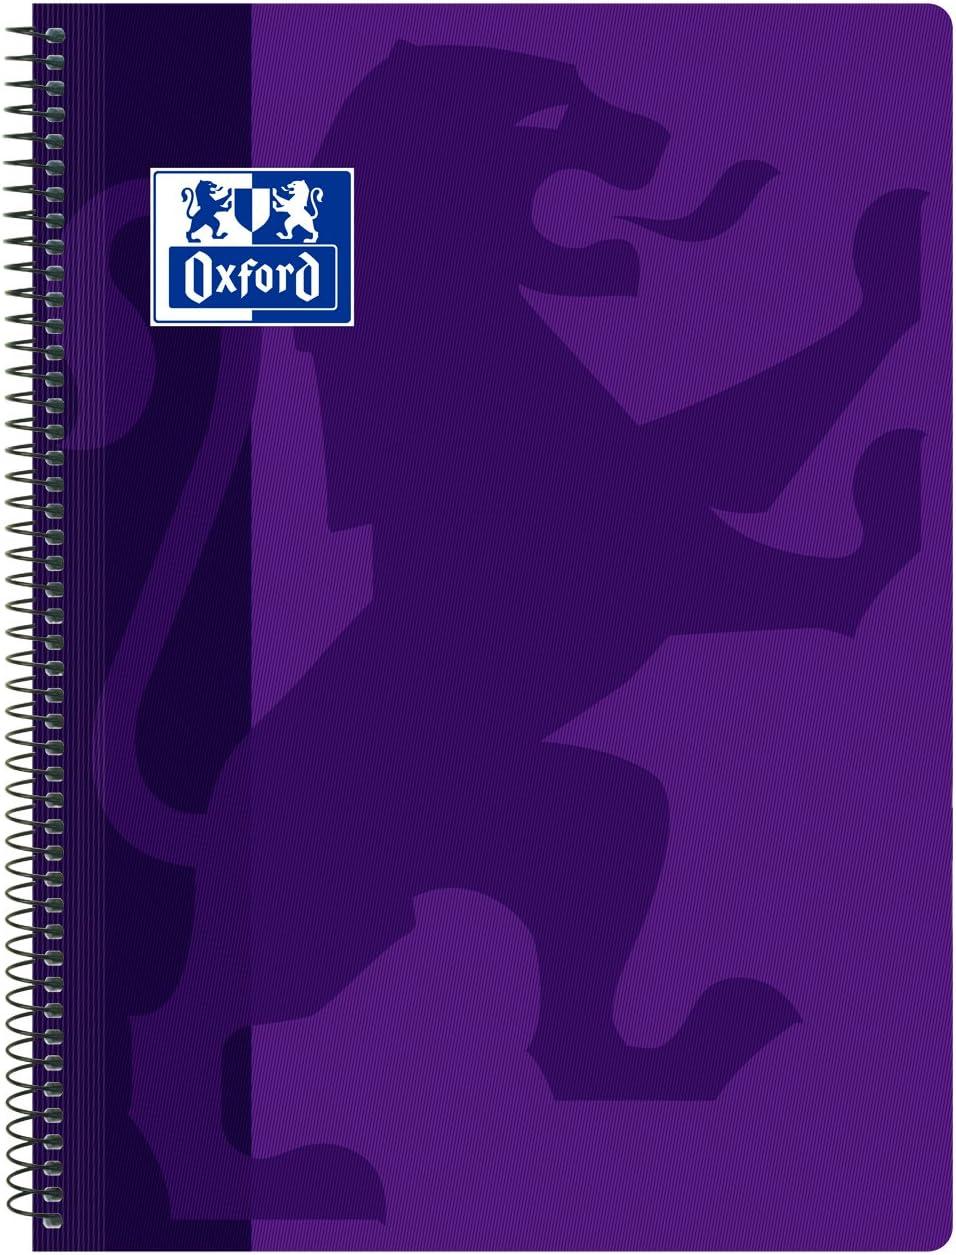 Oxford Classic - Cuaderno espiral, tapa plástico, cuadrícula 4x4, color violeta: Amazon.es: Oficina y papelería